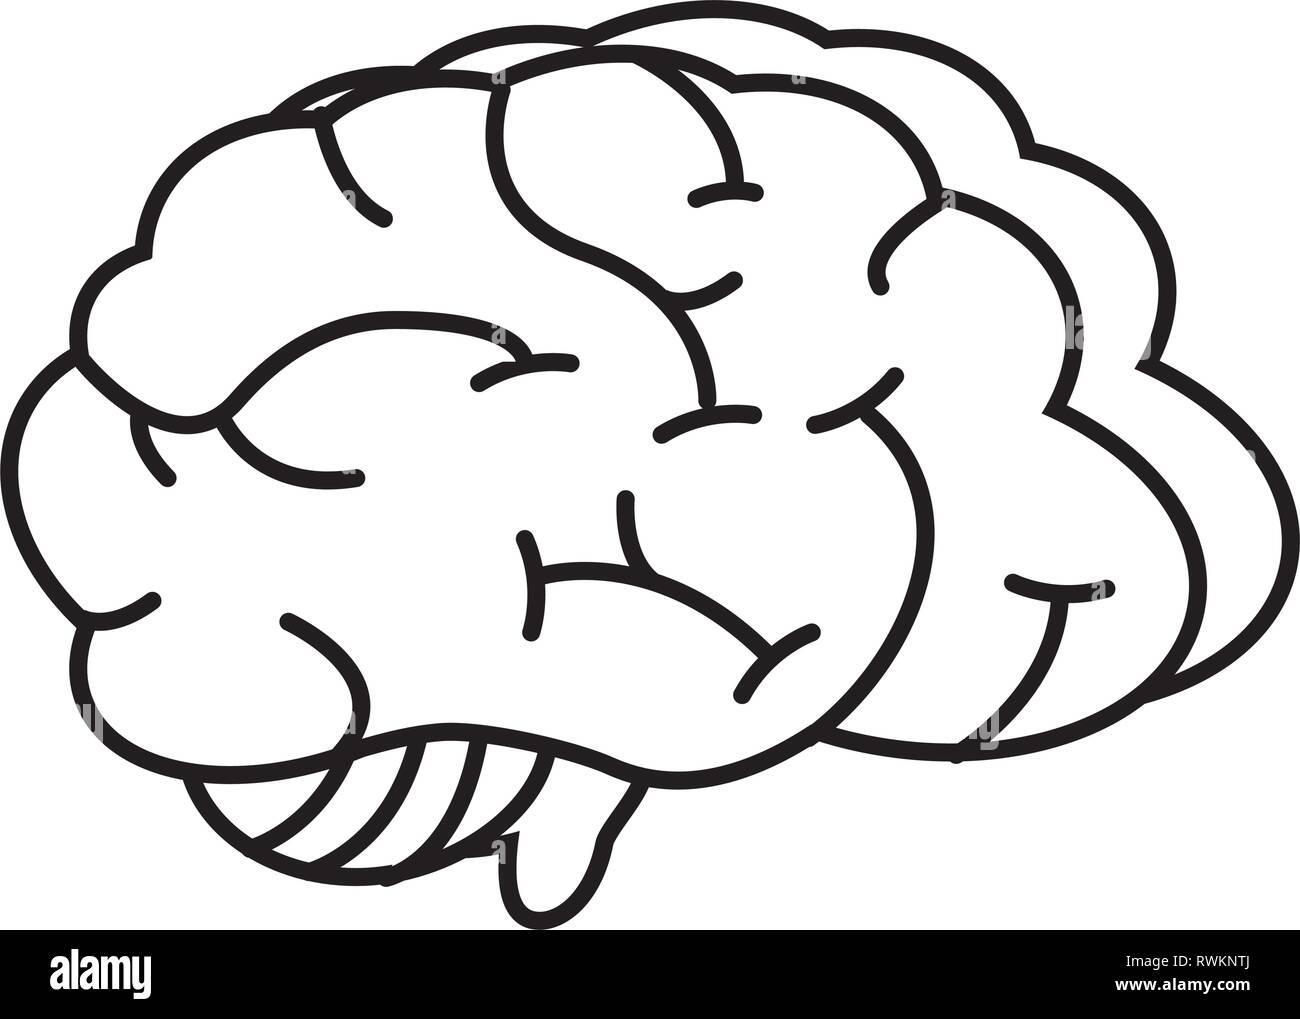 Cerebro Humano organ Imagen De Stock